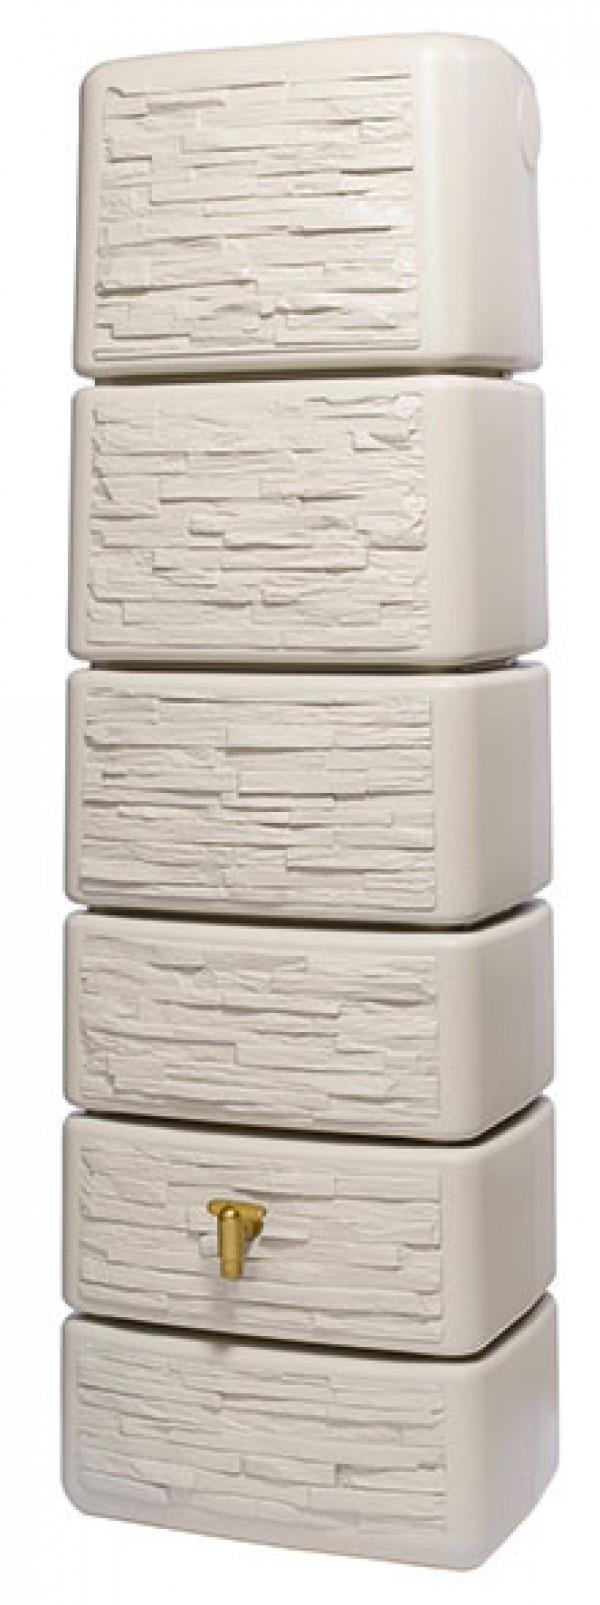 regenwasser wandtank slim 300 liter stone dekor sandbeige 4rain